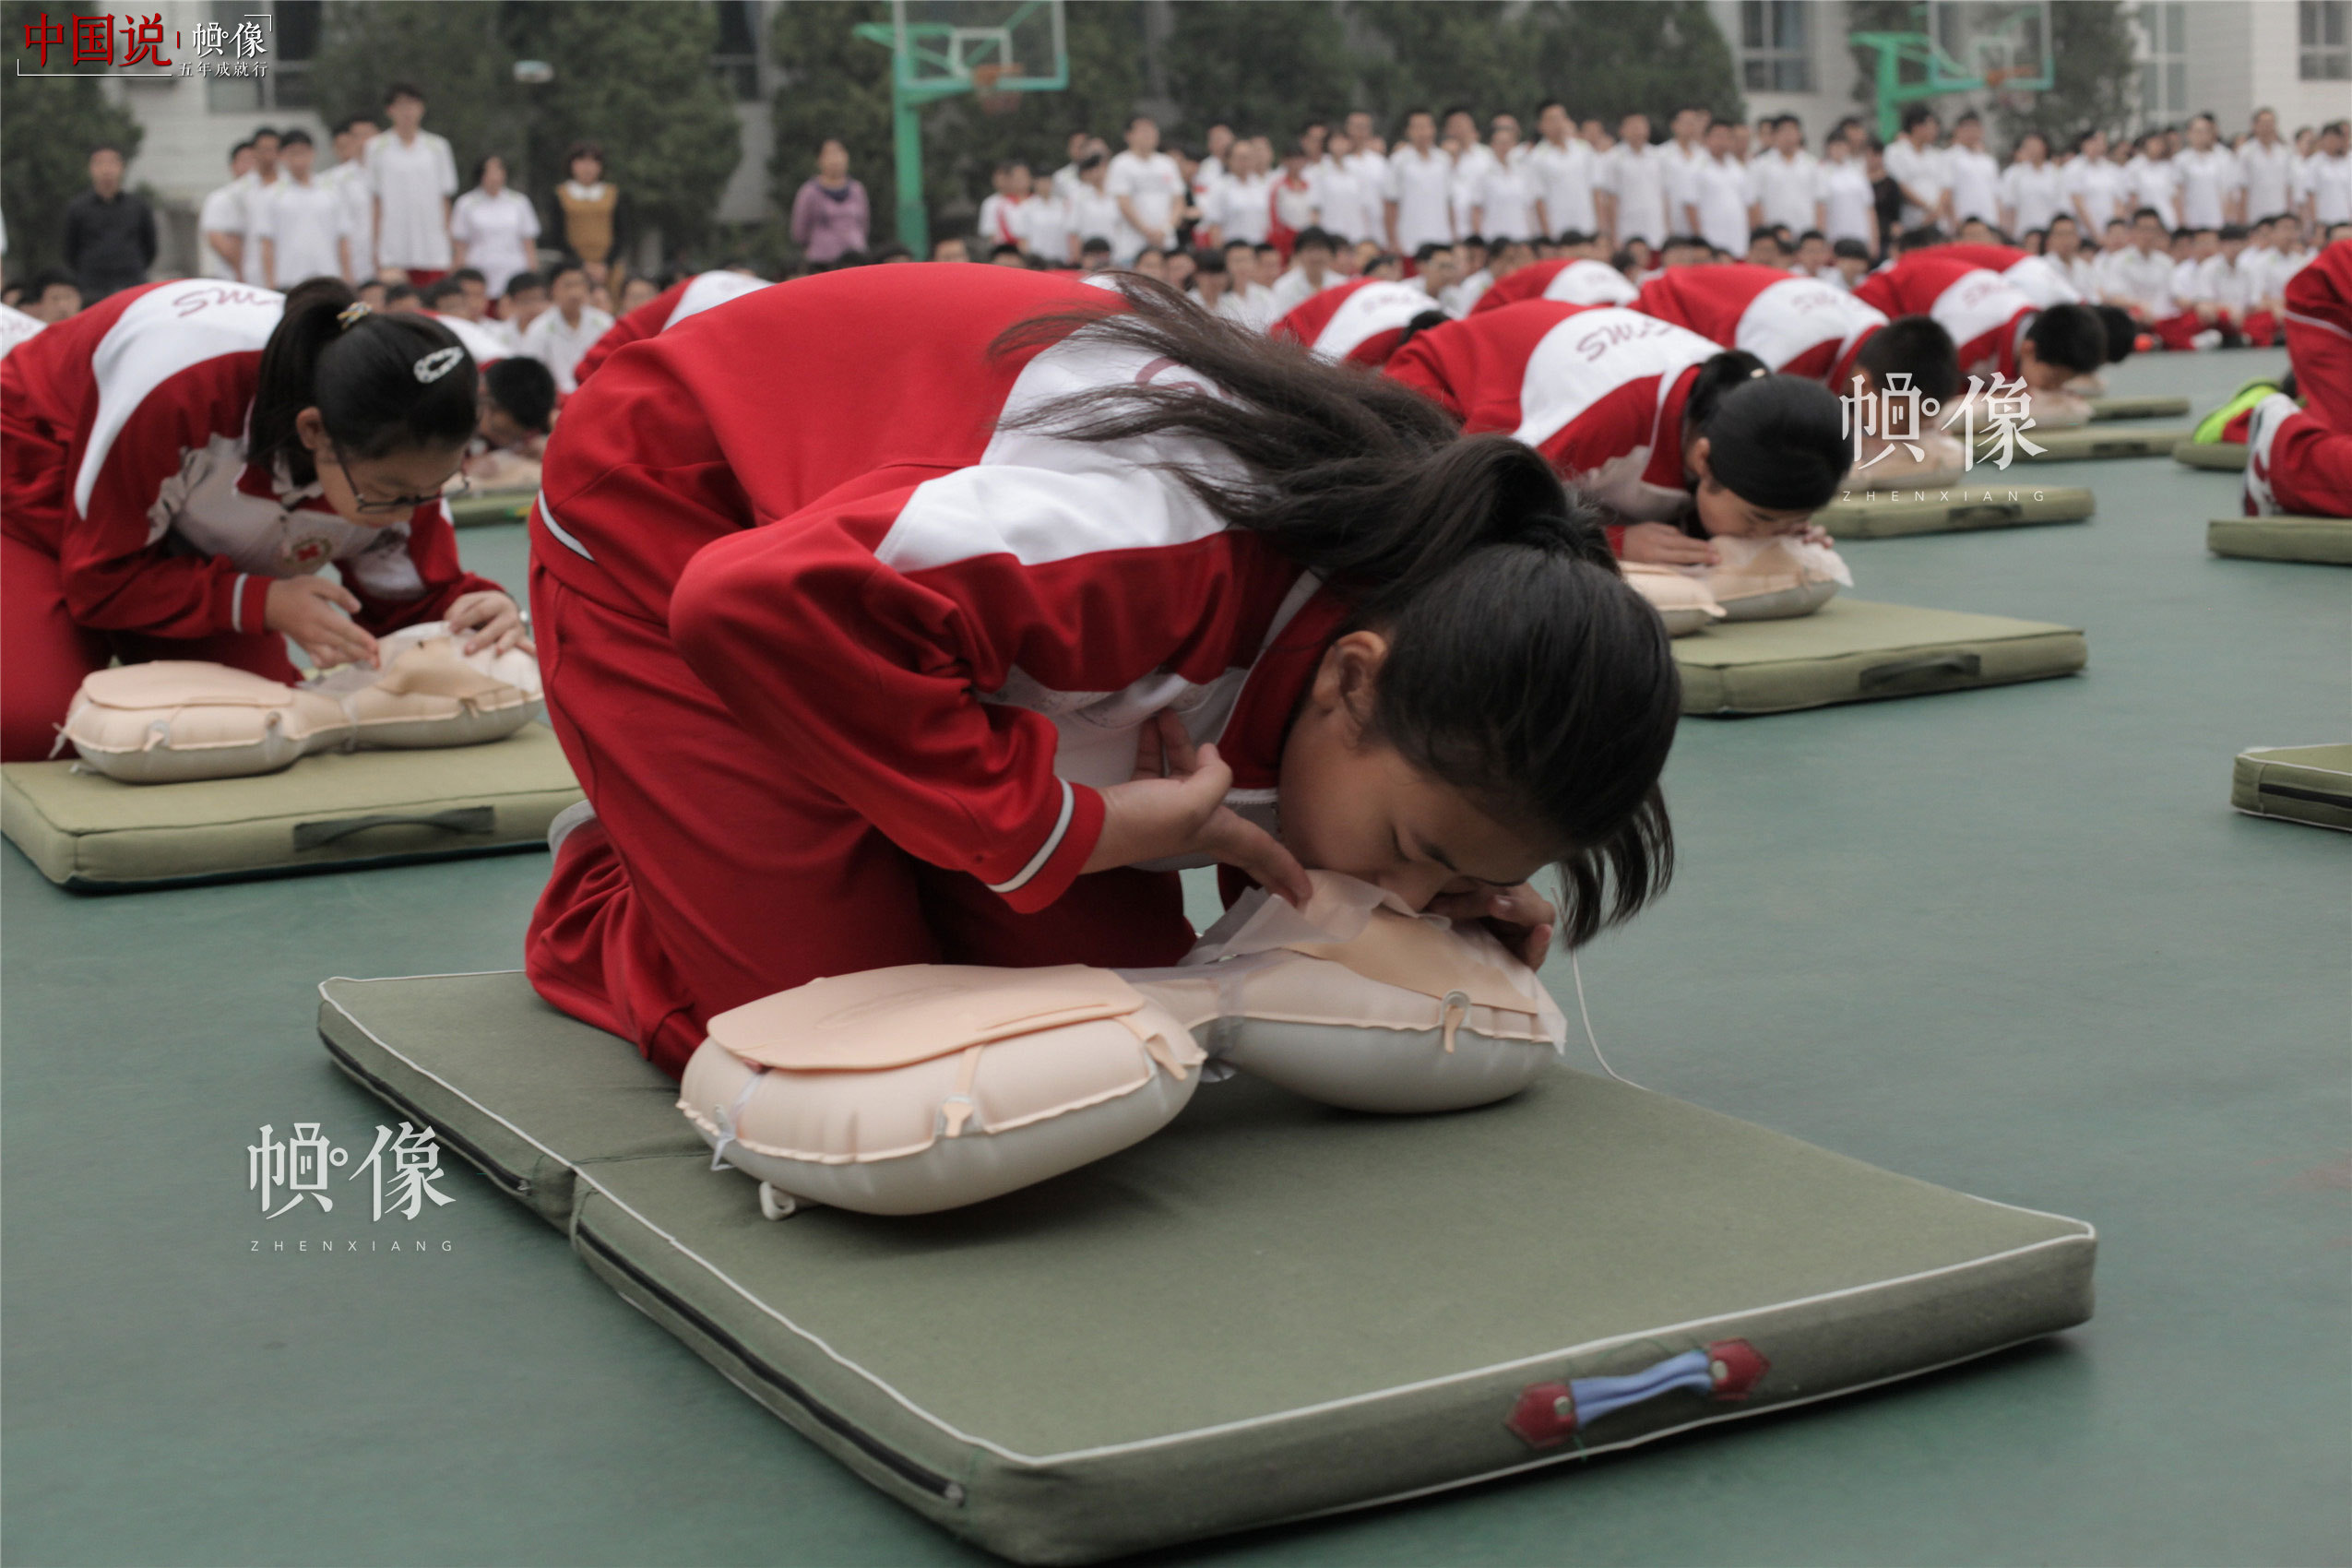 2014年9月22日,西城区44中学生进行心肺复苏术等应急救护技能大操练。(西城区红十字会供图)